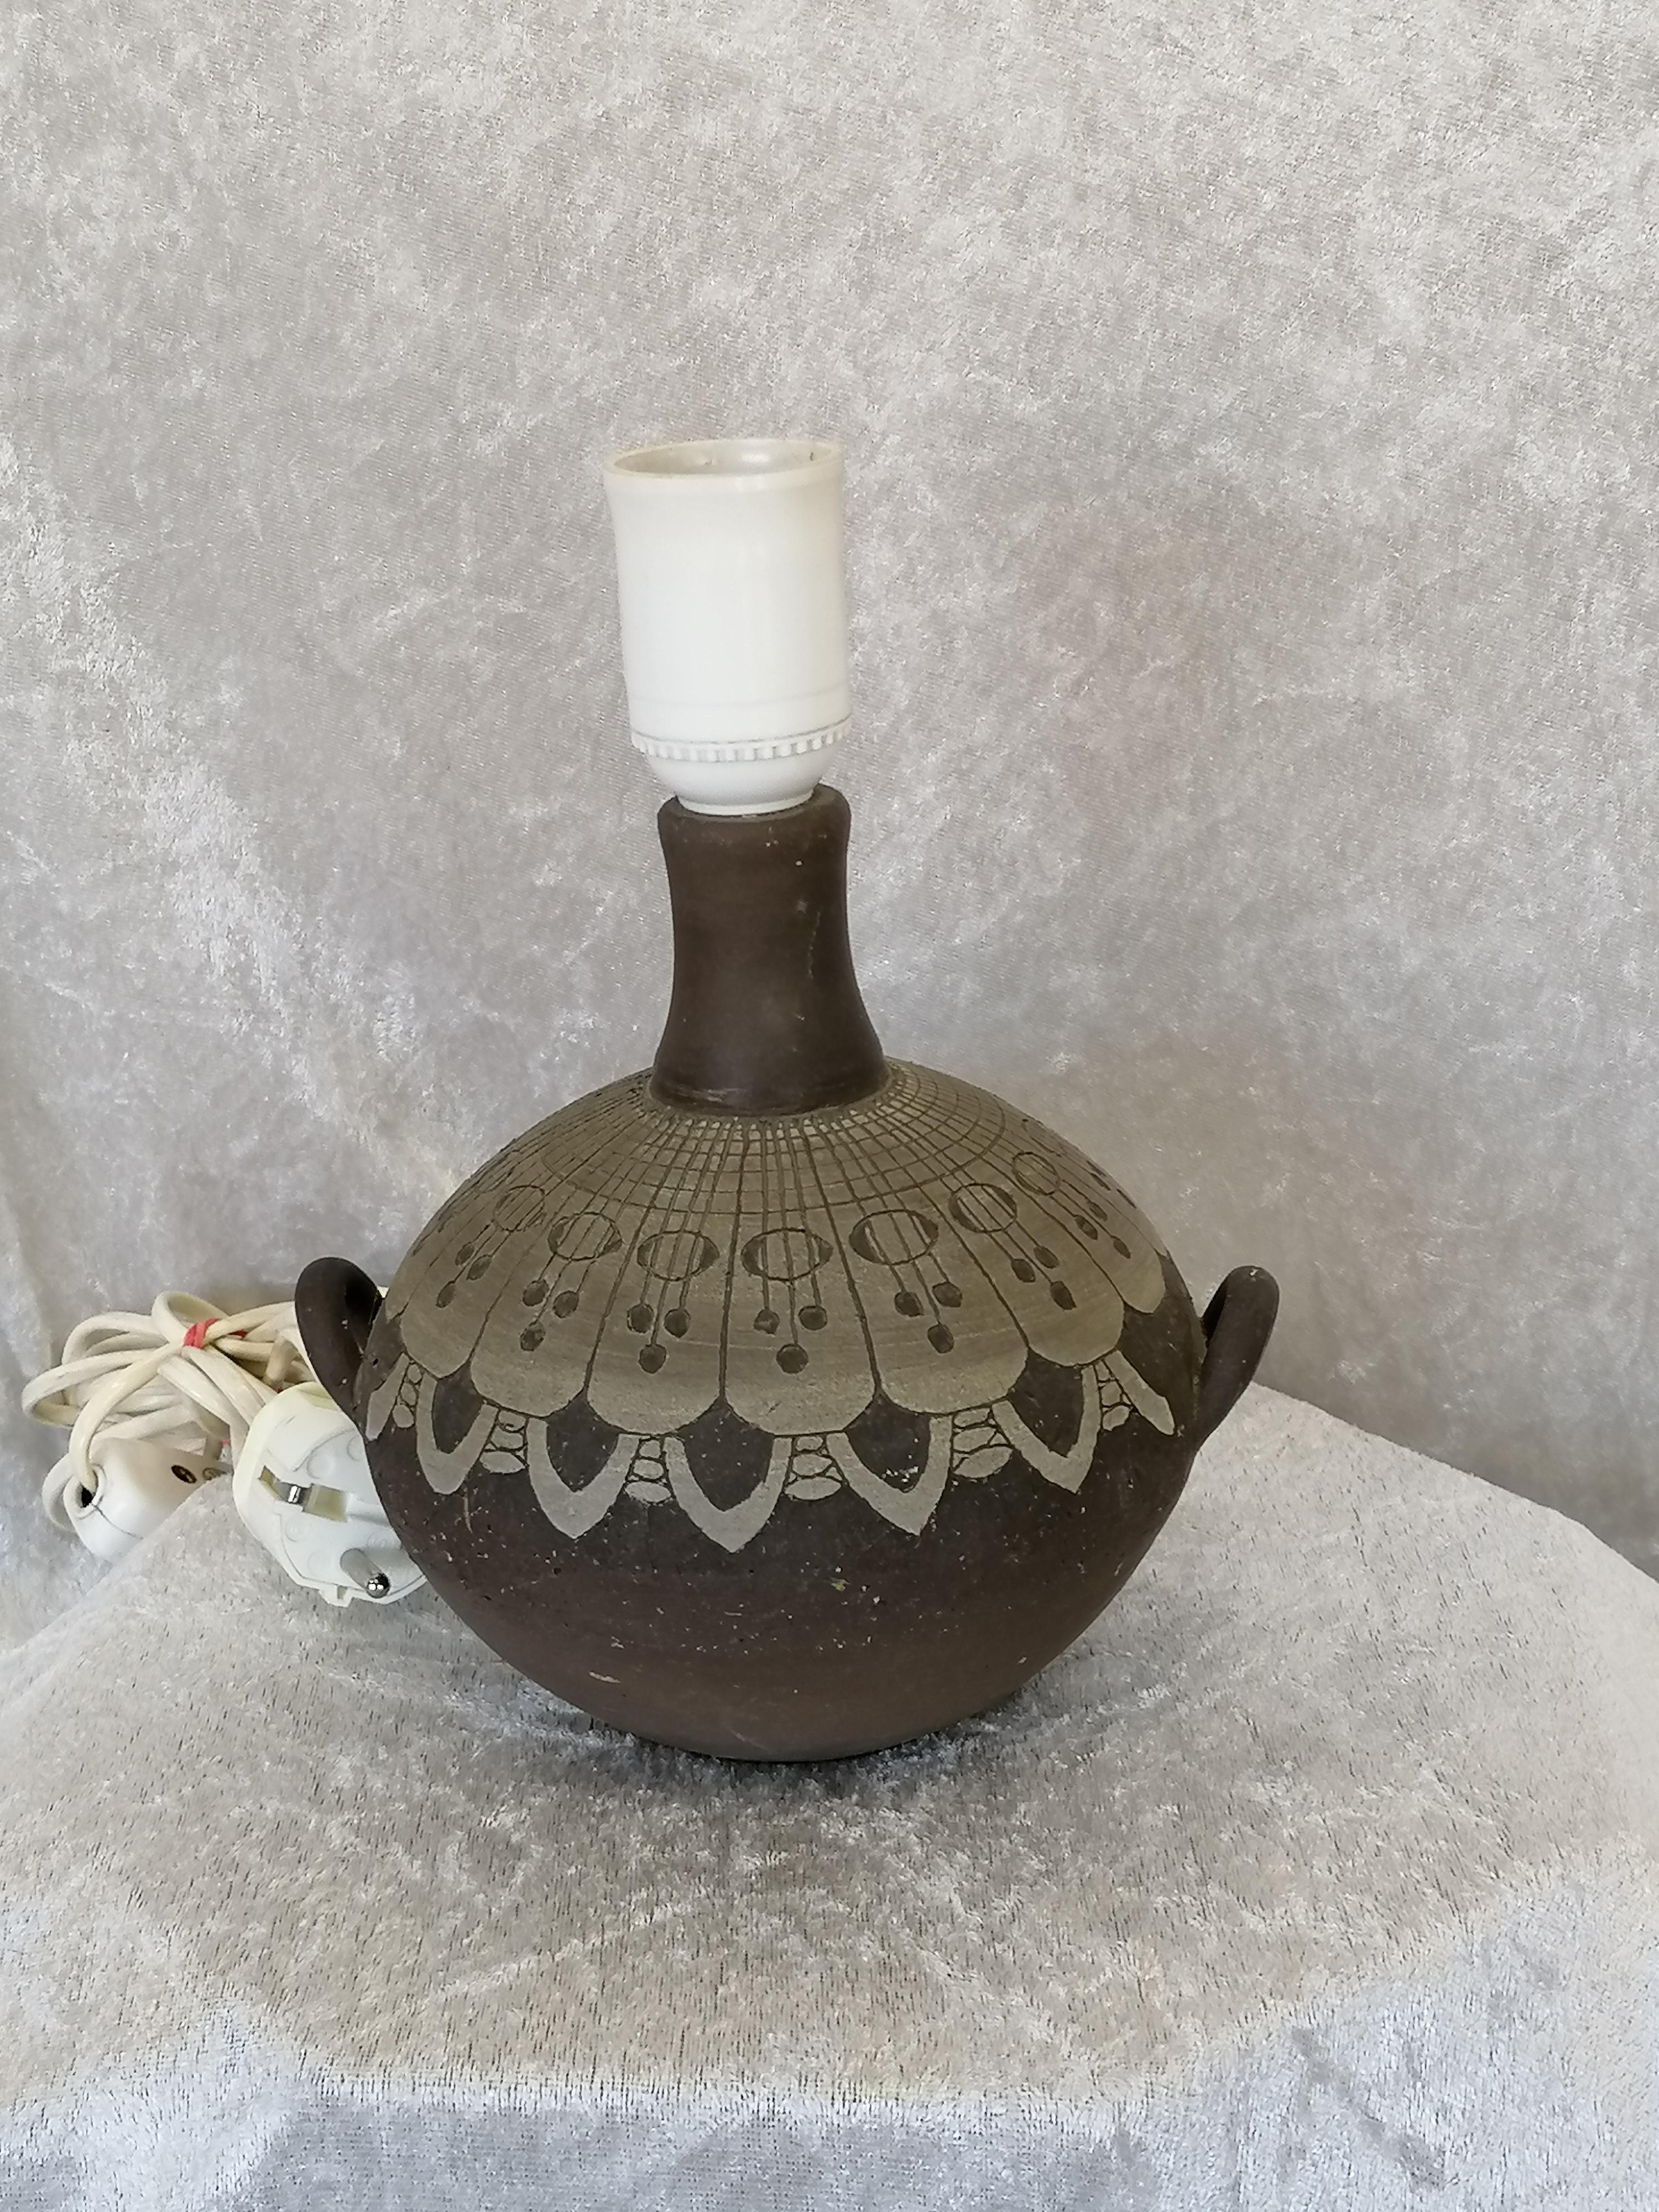 Lampfot Alingsås Keramik